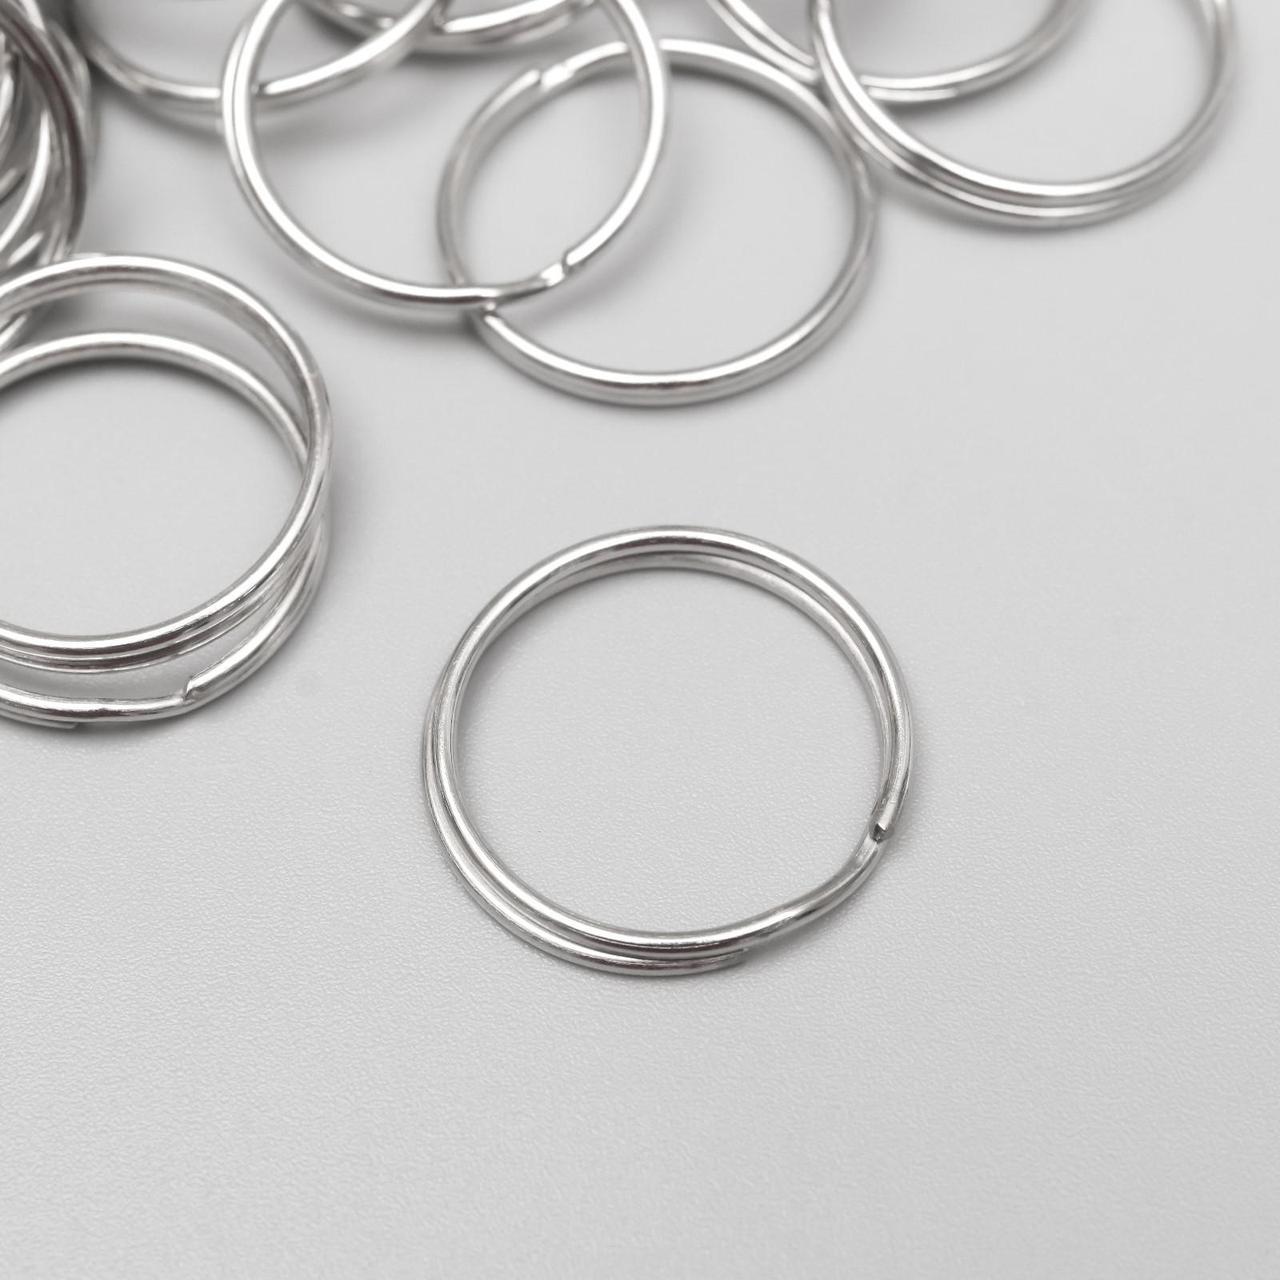 Основа для брелока кольцо (50 штук набор) металл серебро 2х2 см